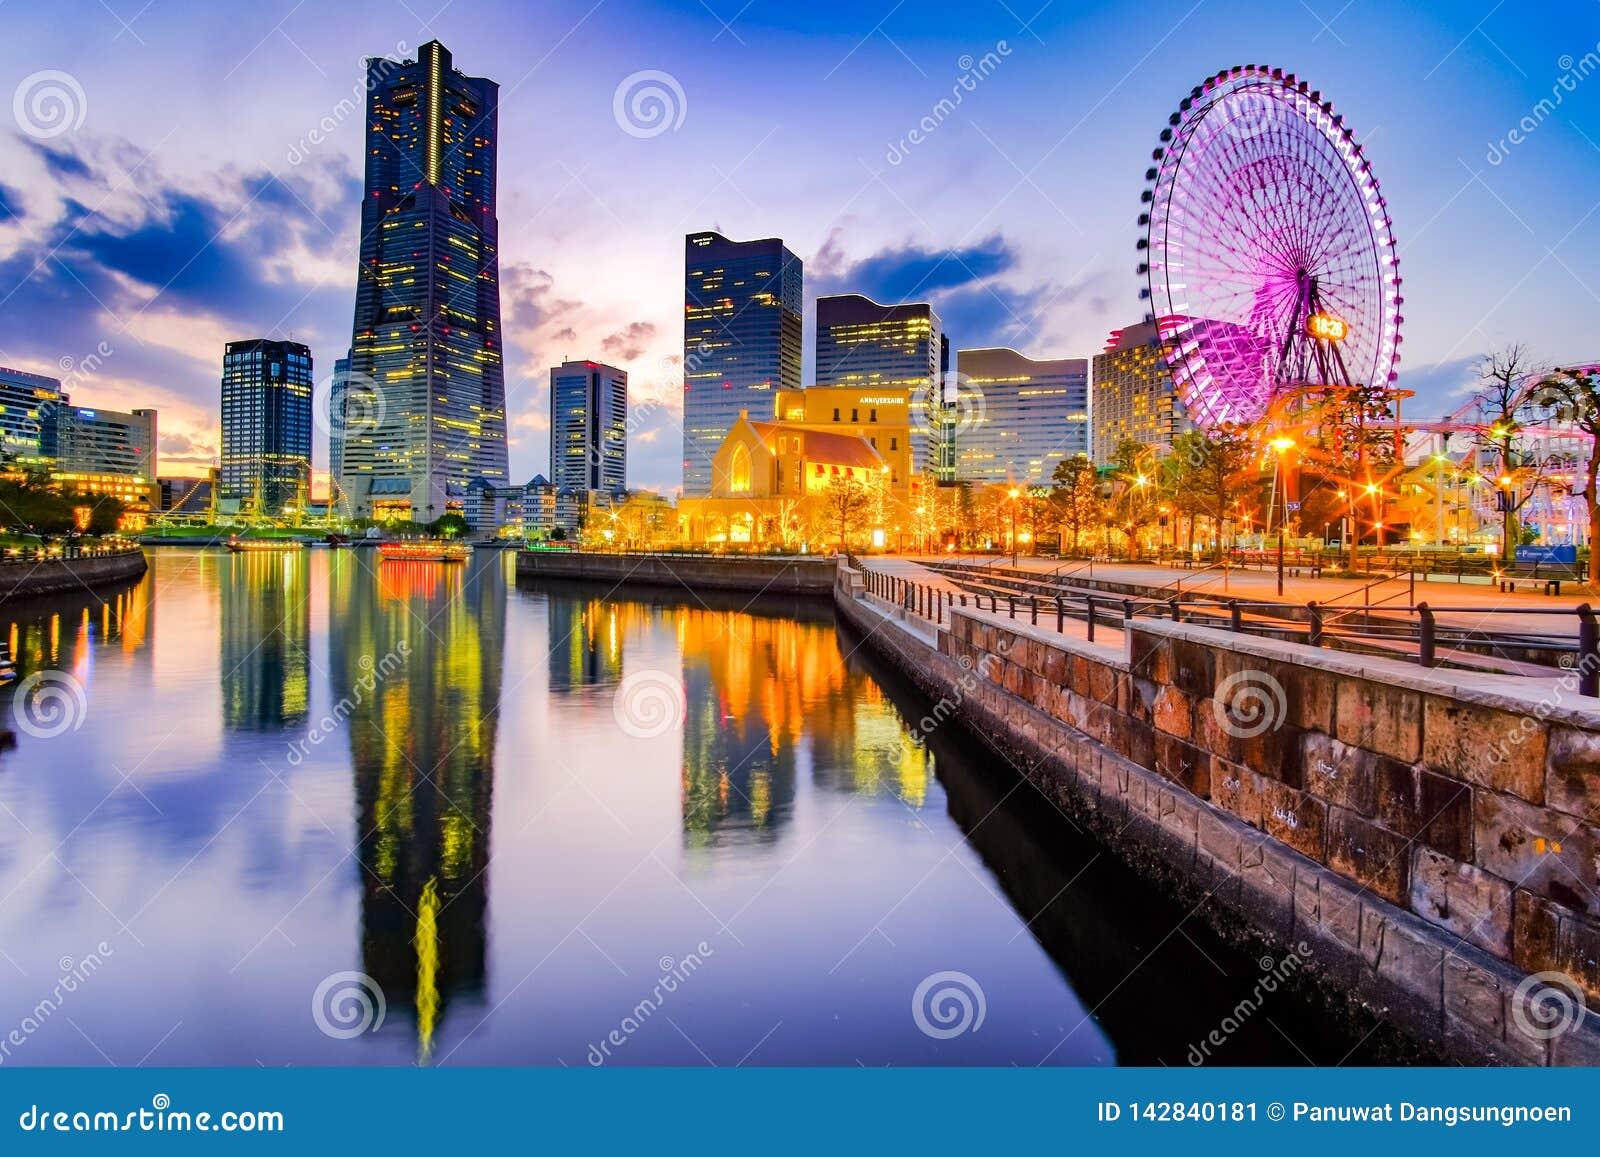 Cityscape of Yokohama Minato Mirai at night. Japan